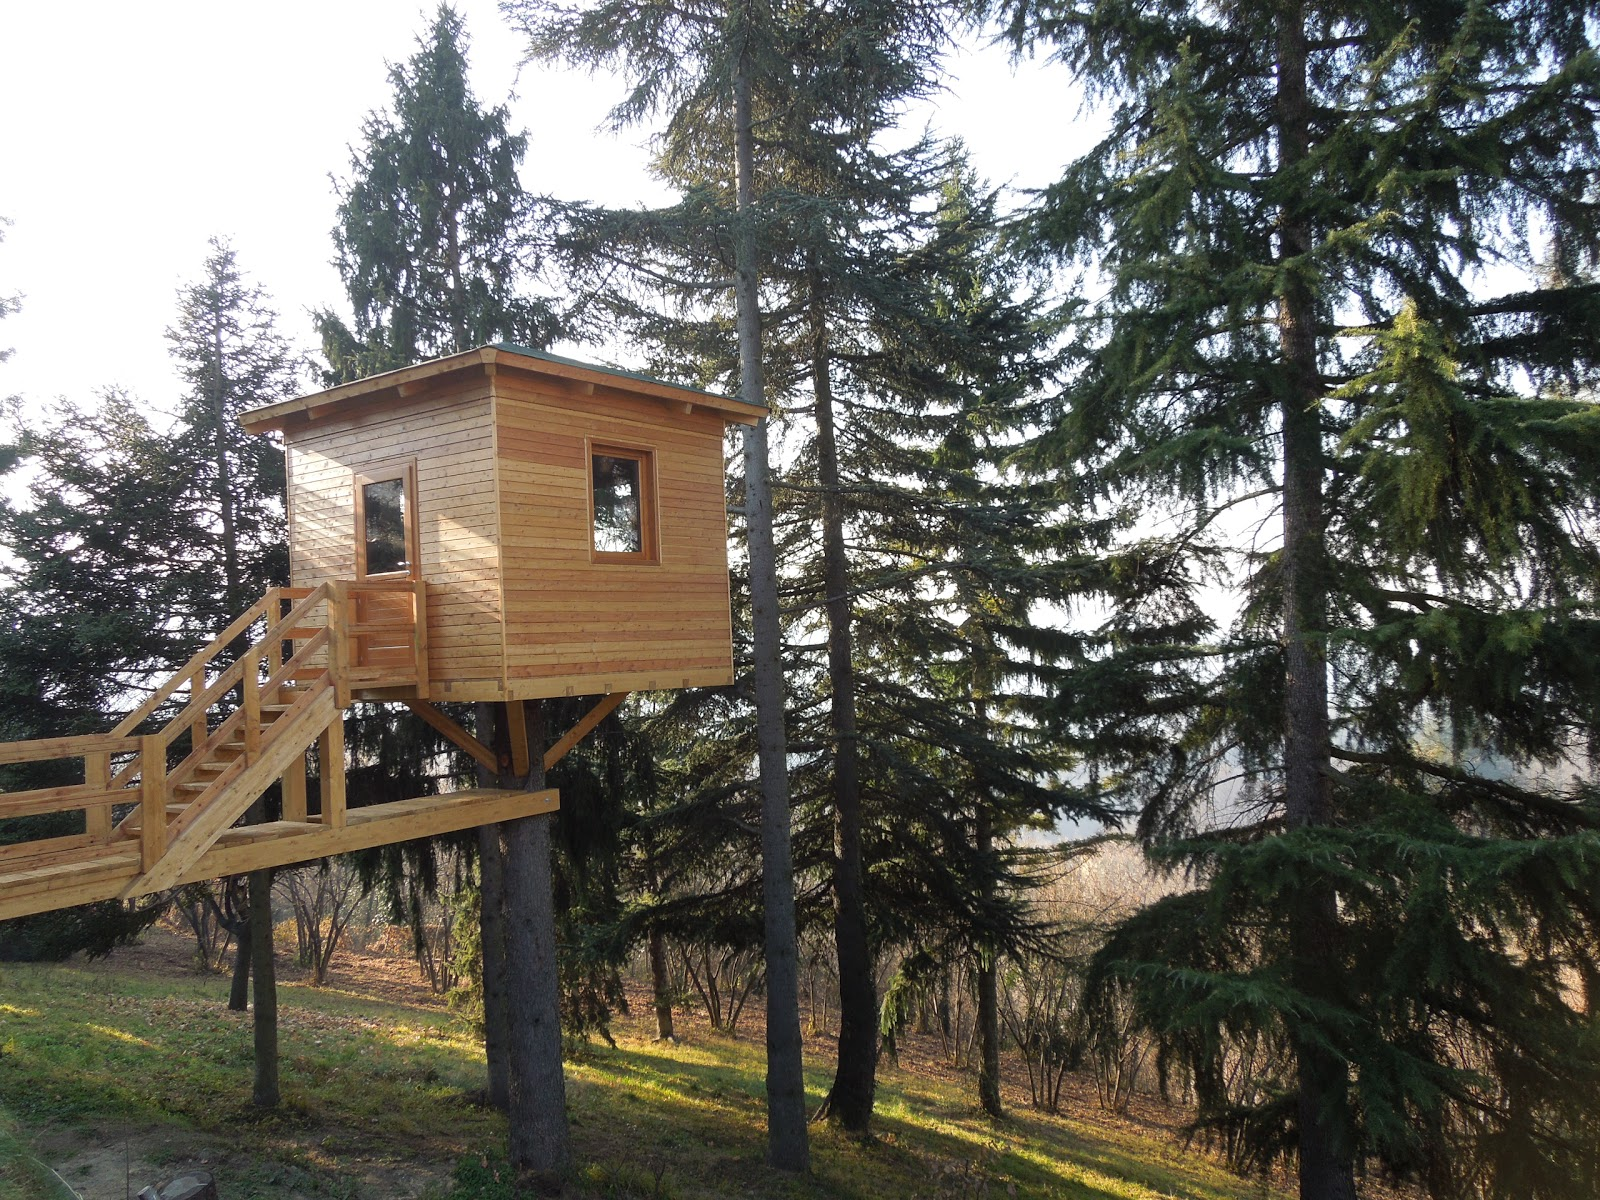 La casa sull 39 albero l 39 architetto - Casa sull albero progetto ...